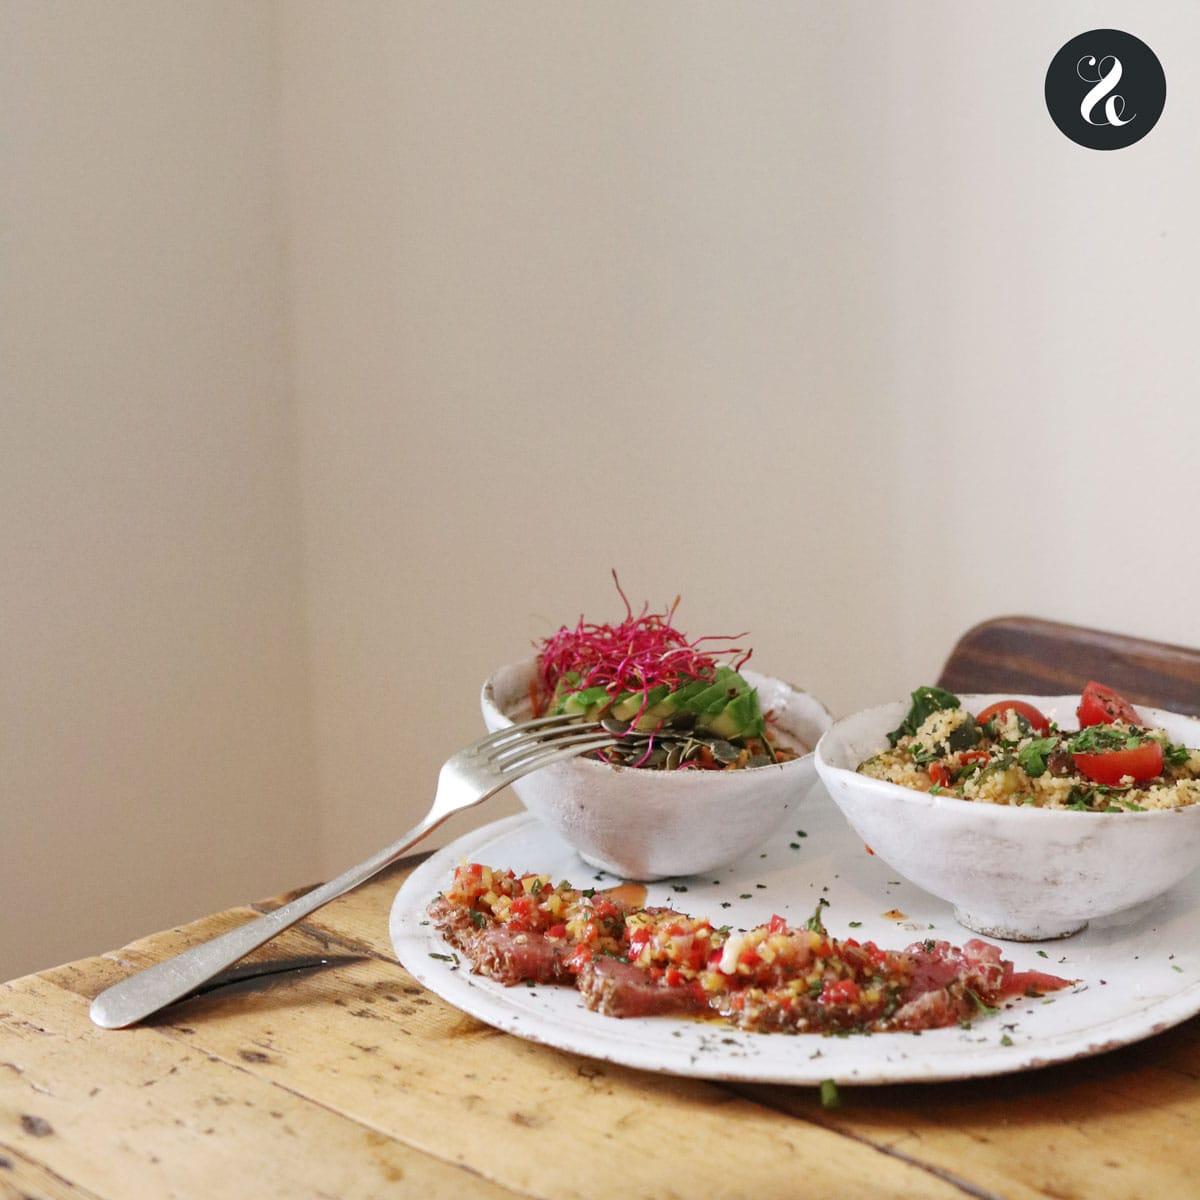 Mejores restaurantes sanos Madrid - Olivia te Cuida